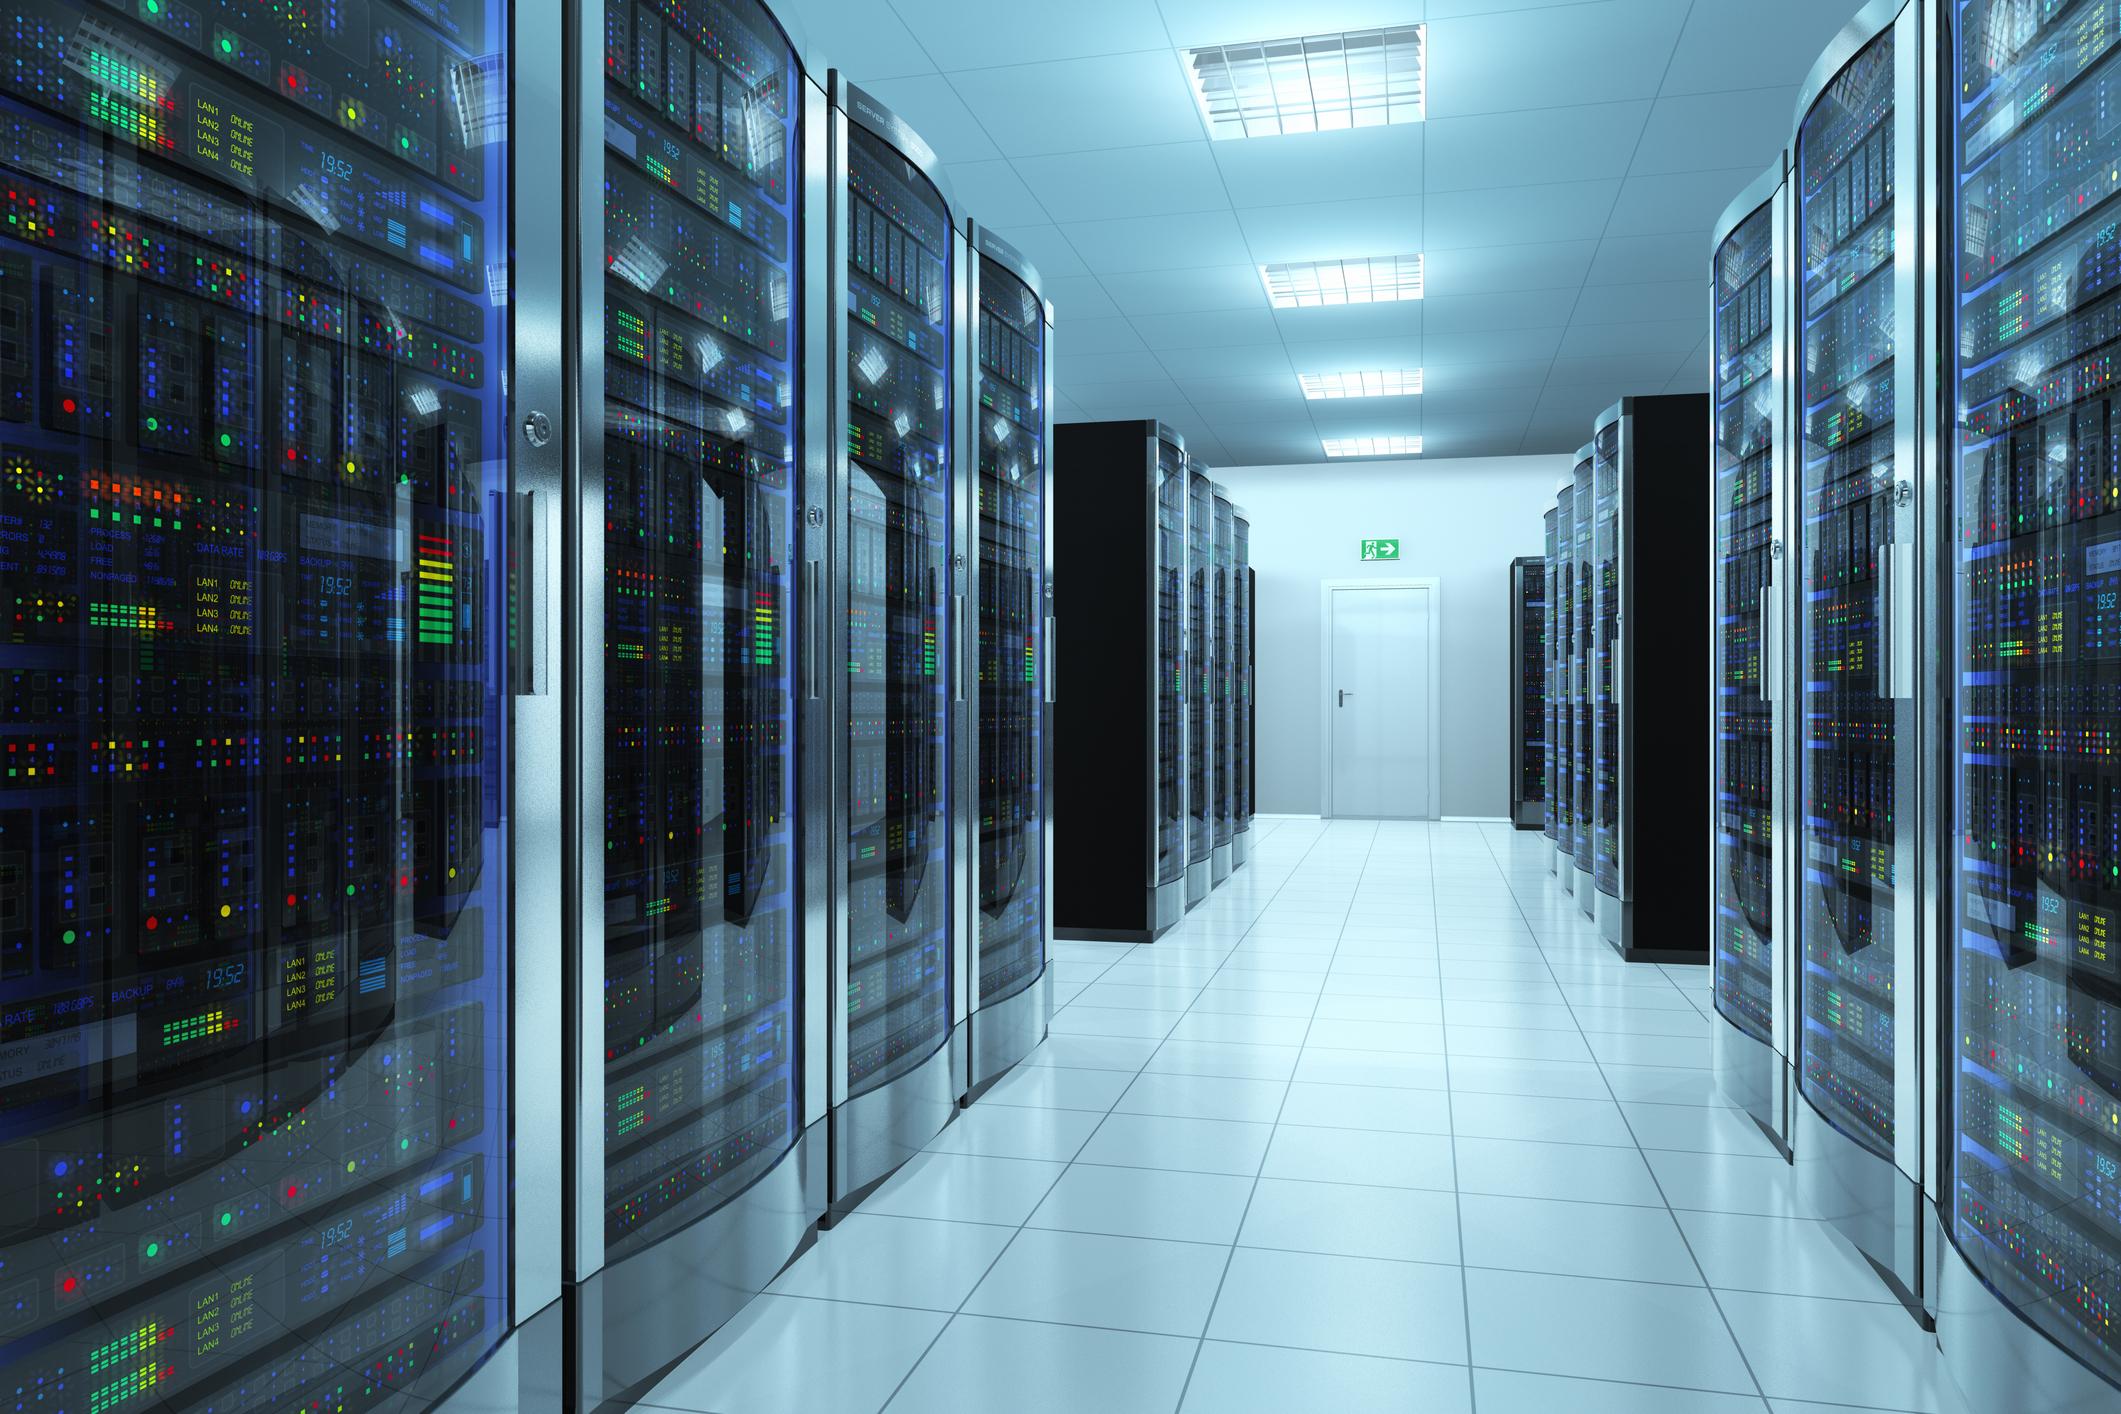 A line of servers